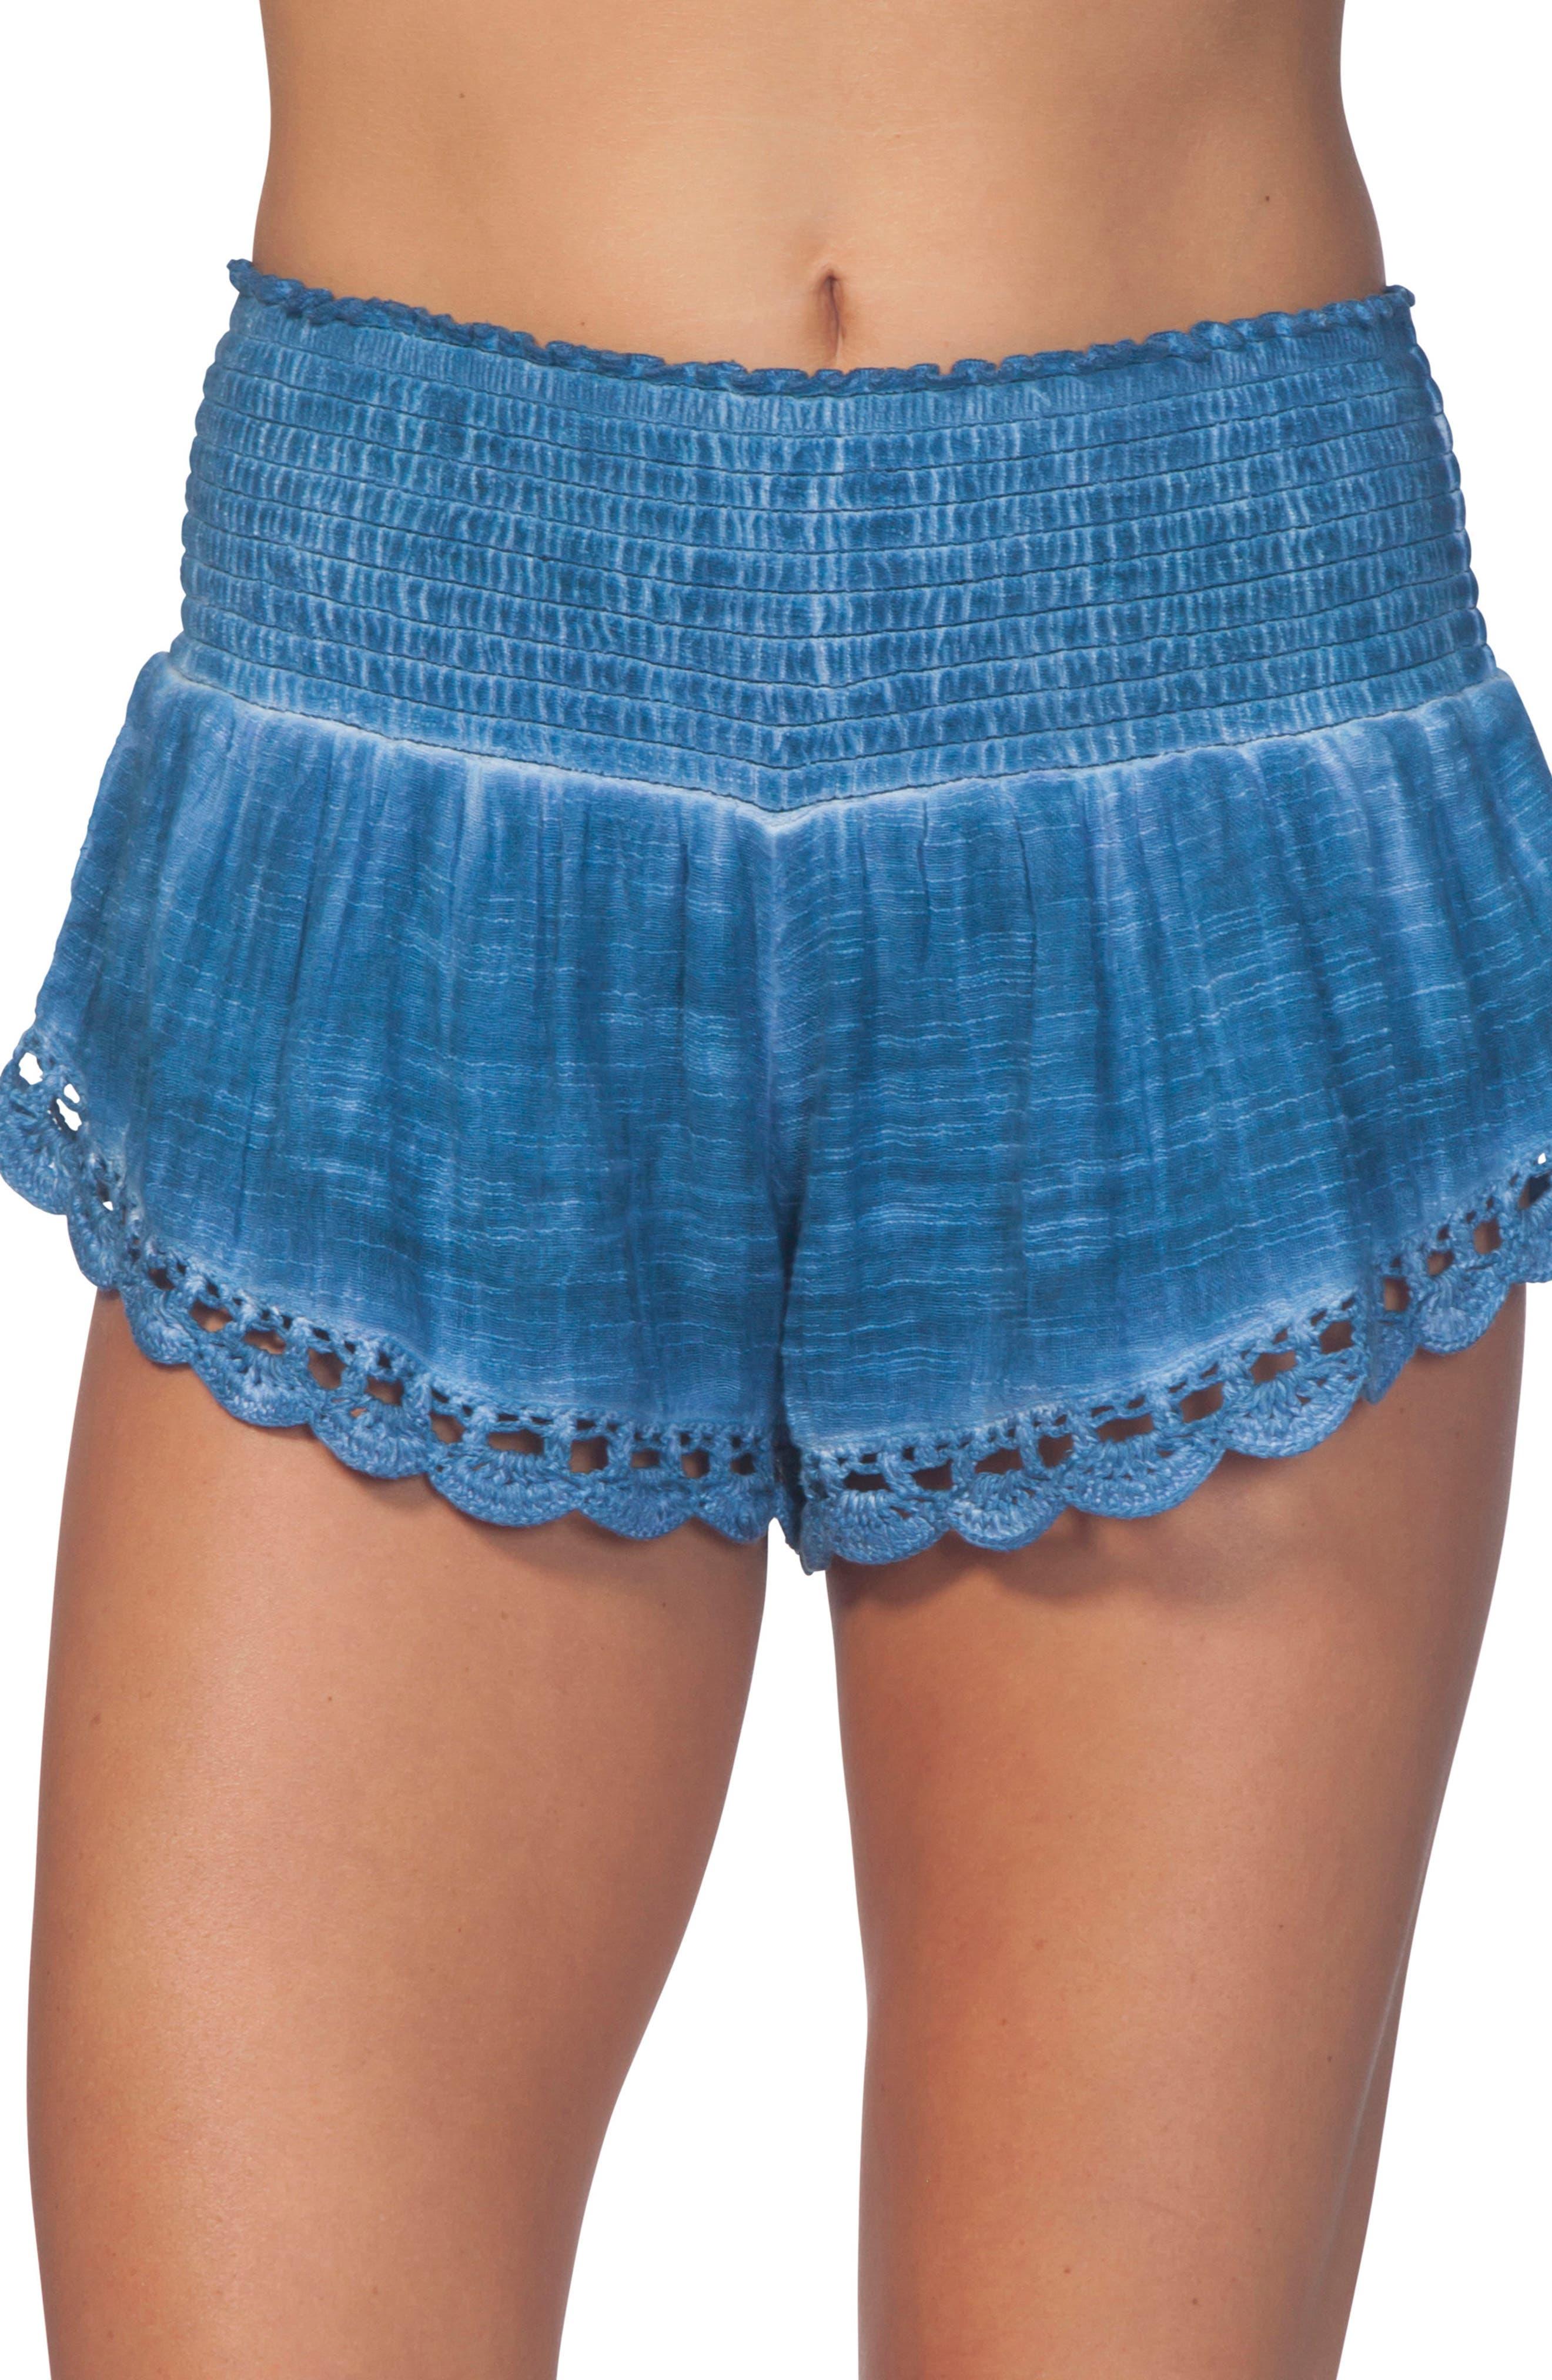 Dream Beam Cotton Beach Shorts,                         Main,                         color, MID BLUE